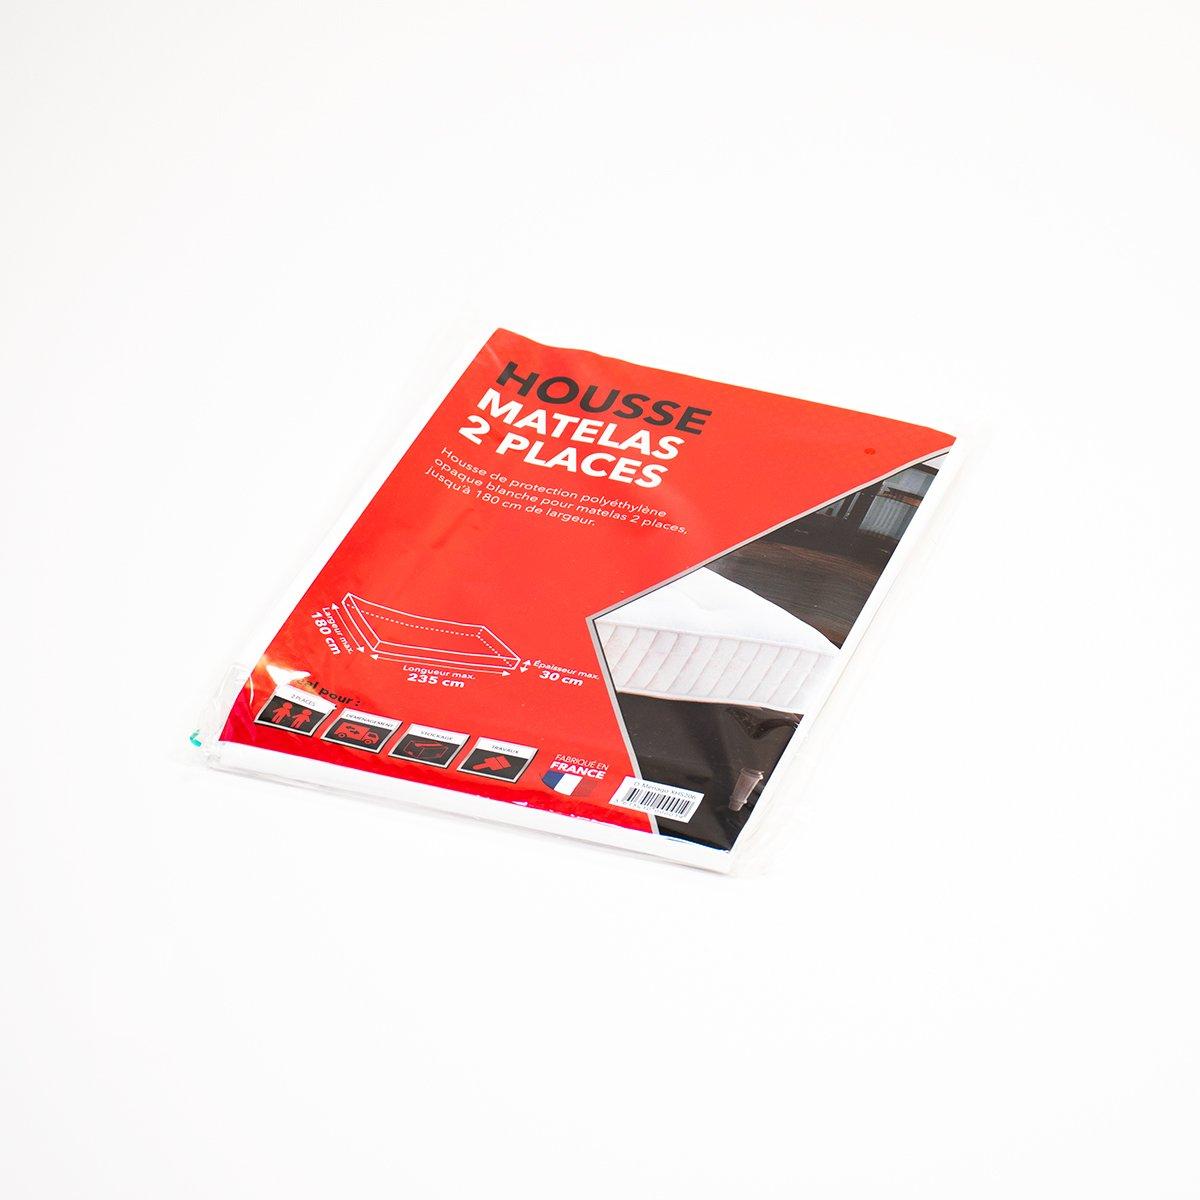 housse matelas 2 places 235x180x30cm carton market. Black Bedroom Furniture Sets. Home Design Ideas